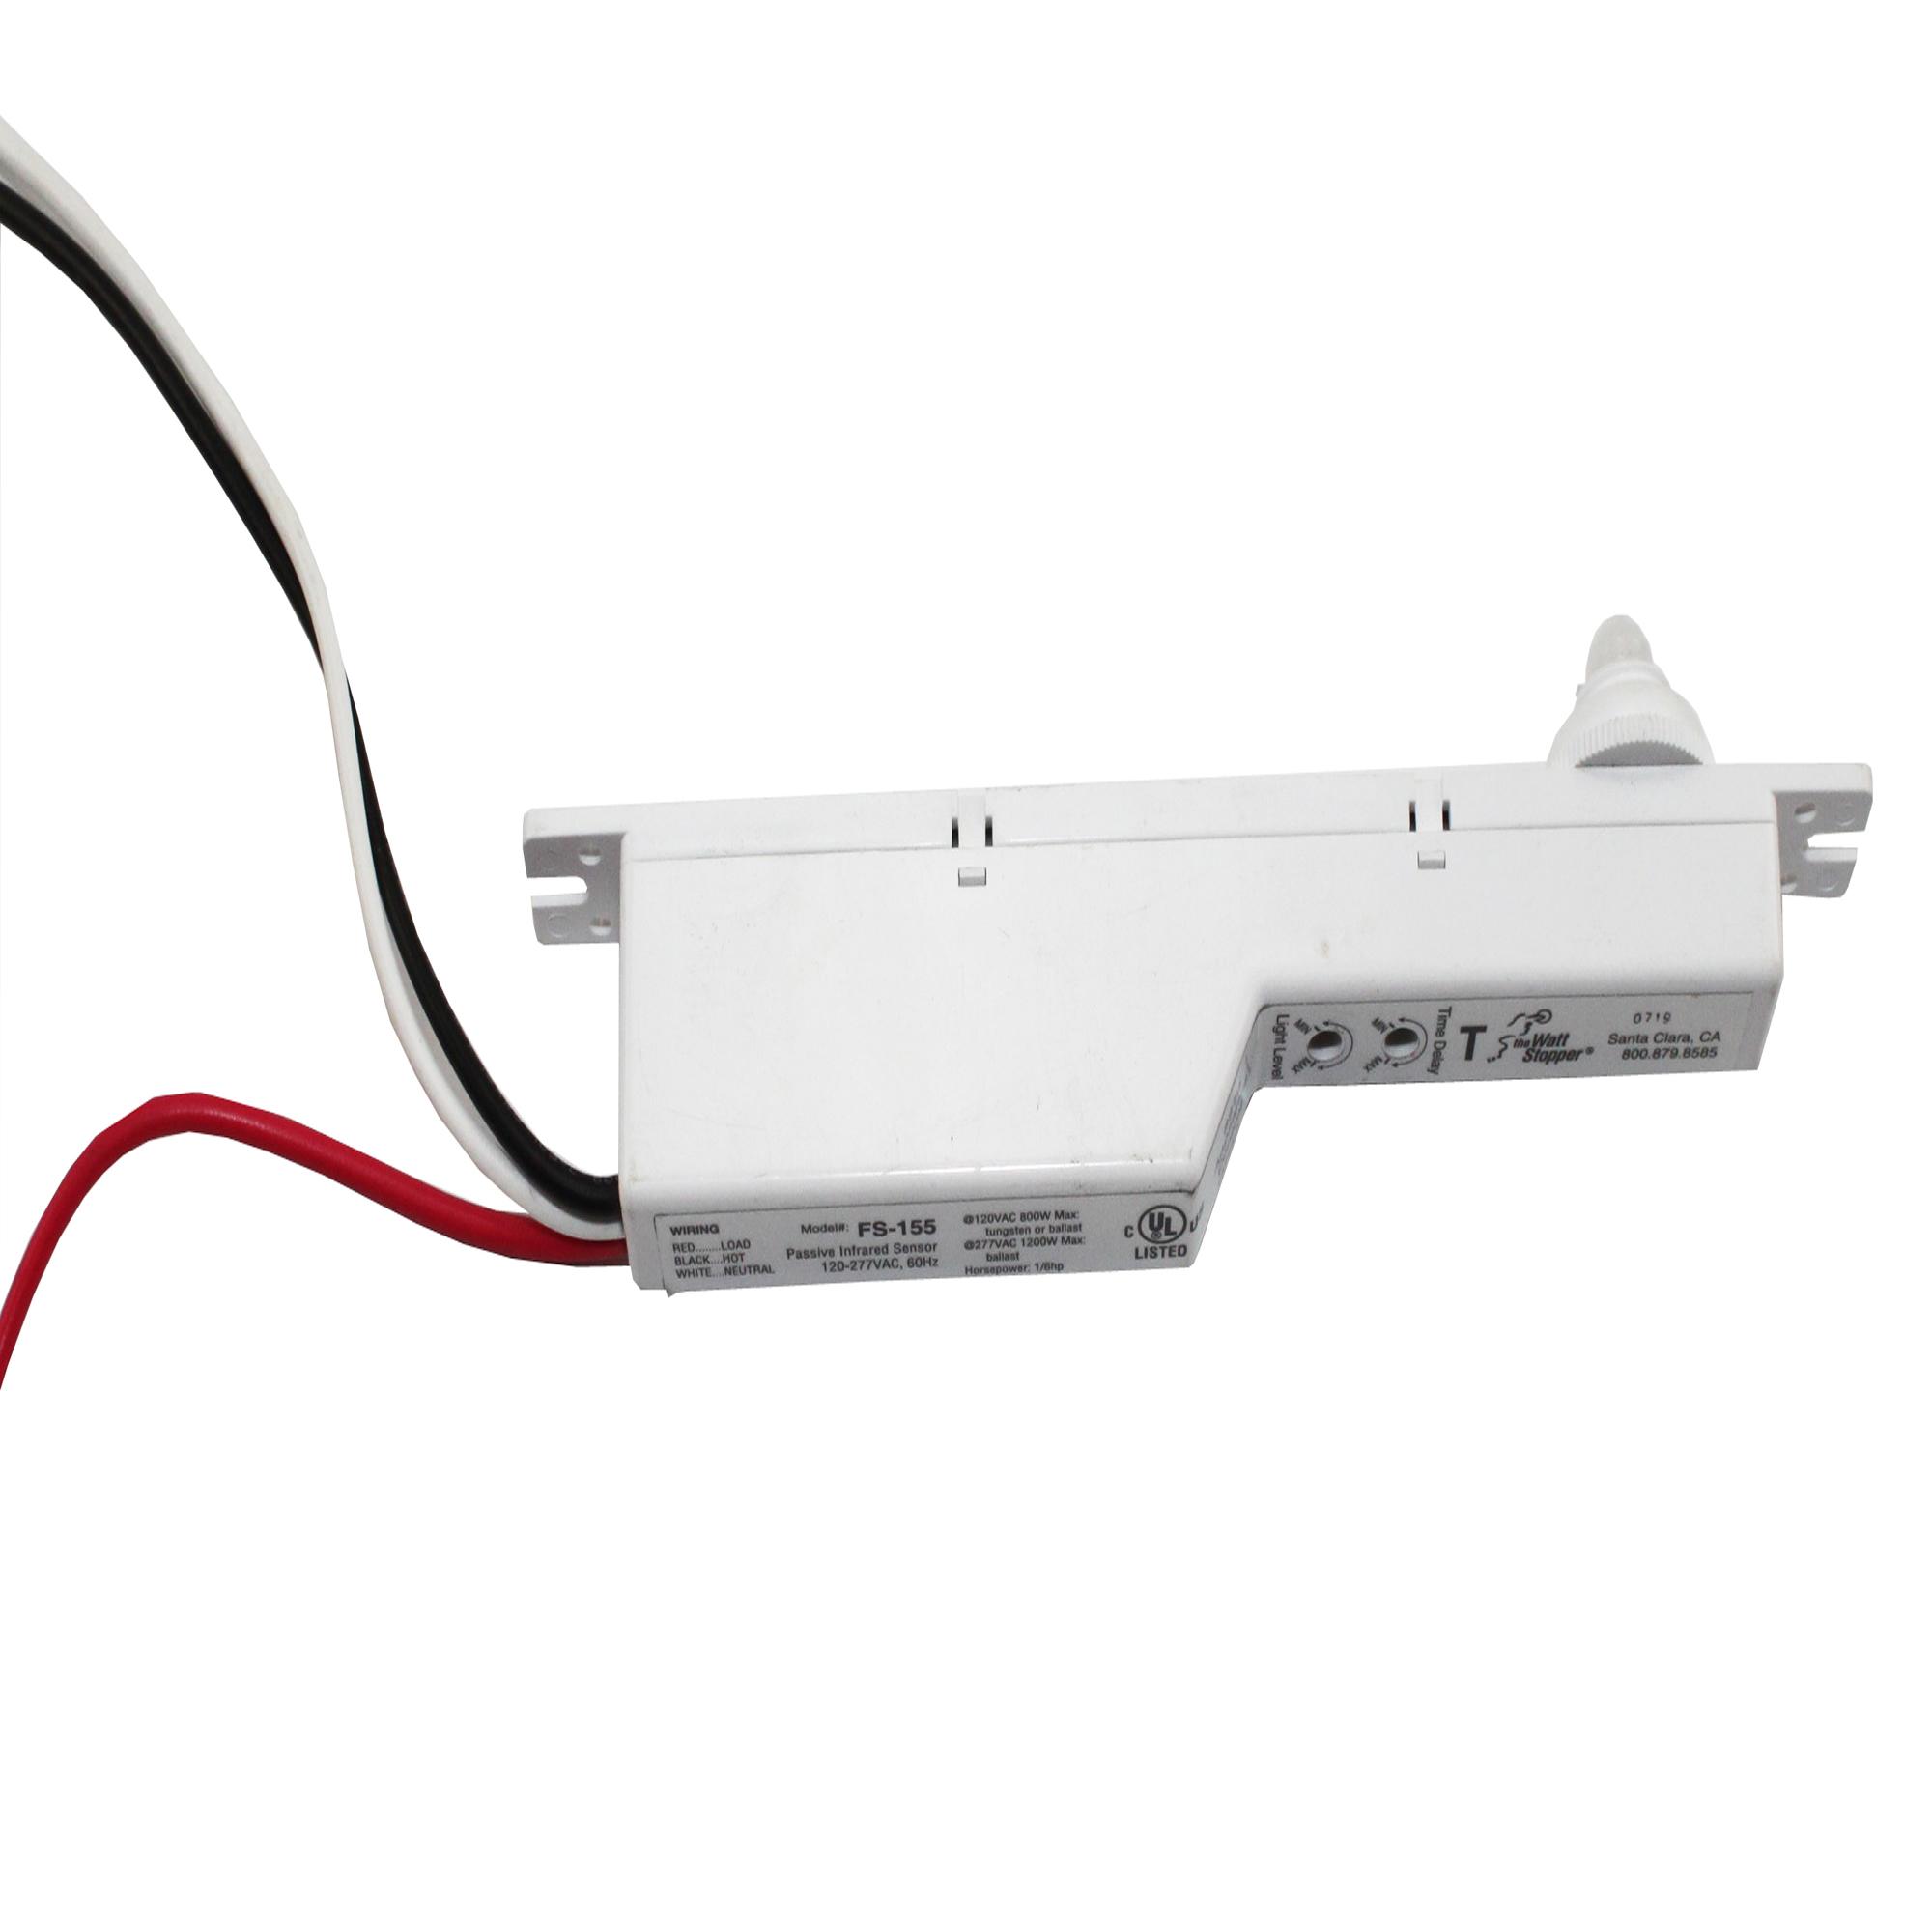 WATT STOPPER FS-155 LINE VOLTAGE PIR FIXTURE INTEGRATED OCCUPANCY SENSOR - $39.99